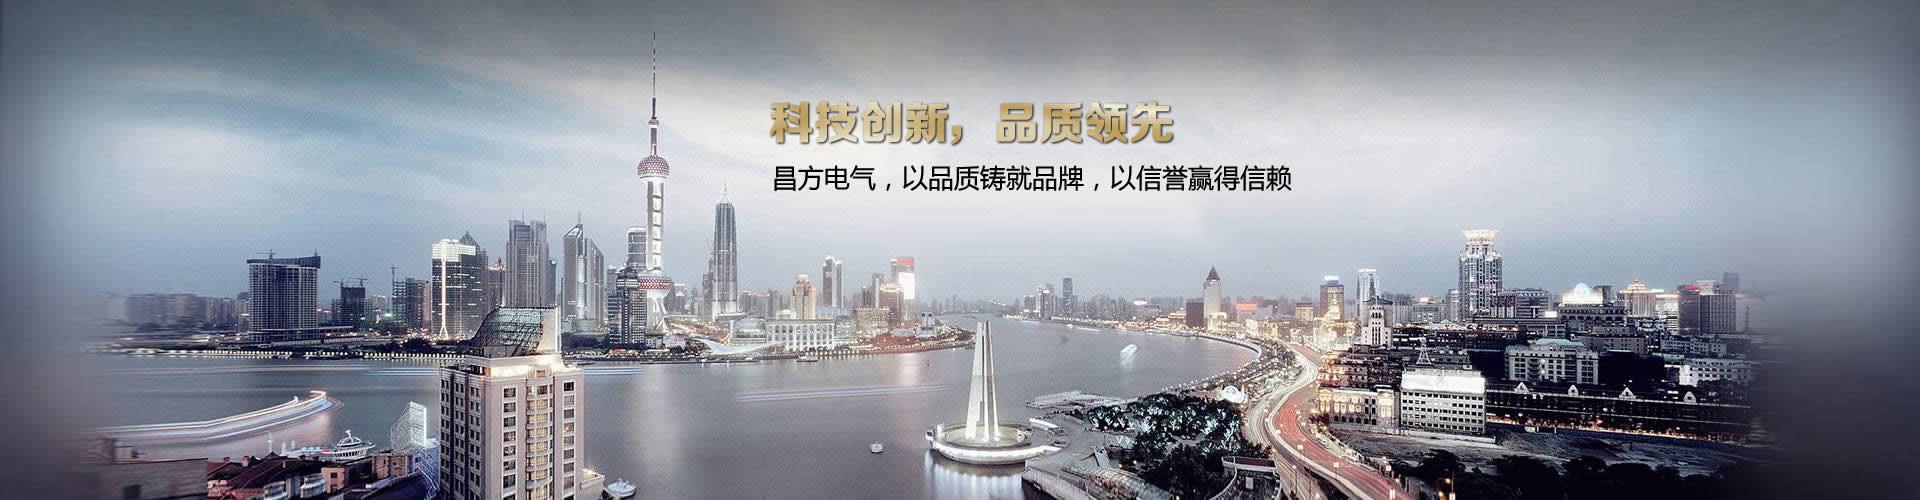 多功能电力仪表,微机综合保护装置,首选上海昌方电气有限公司